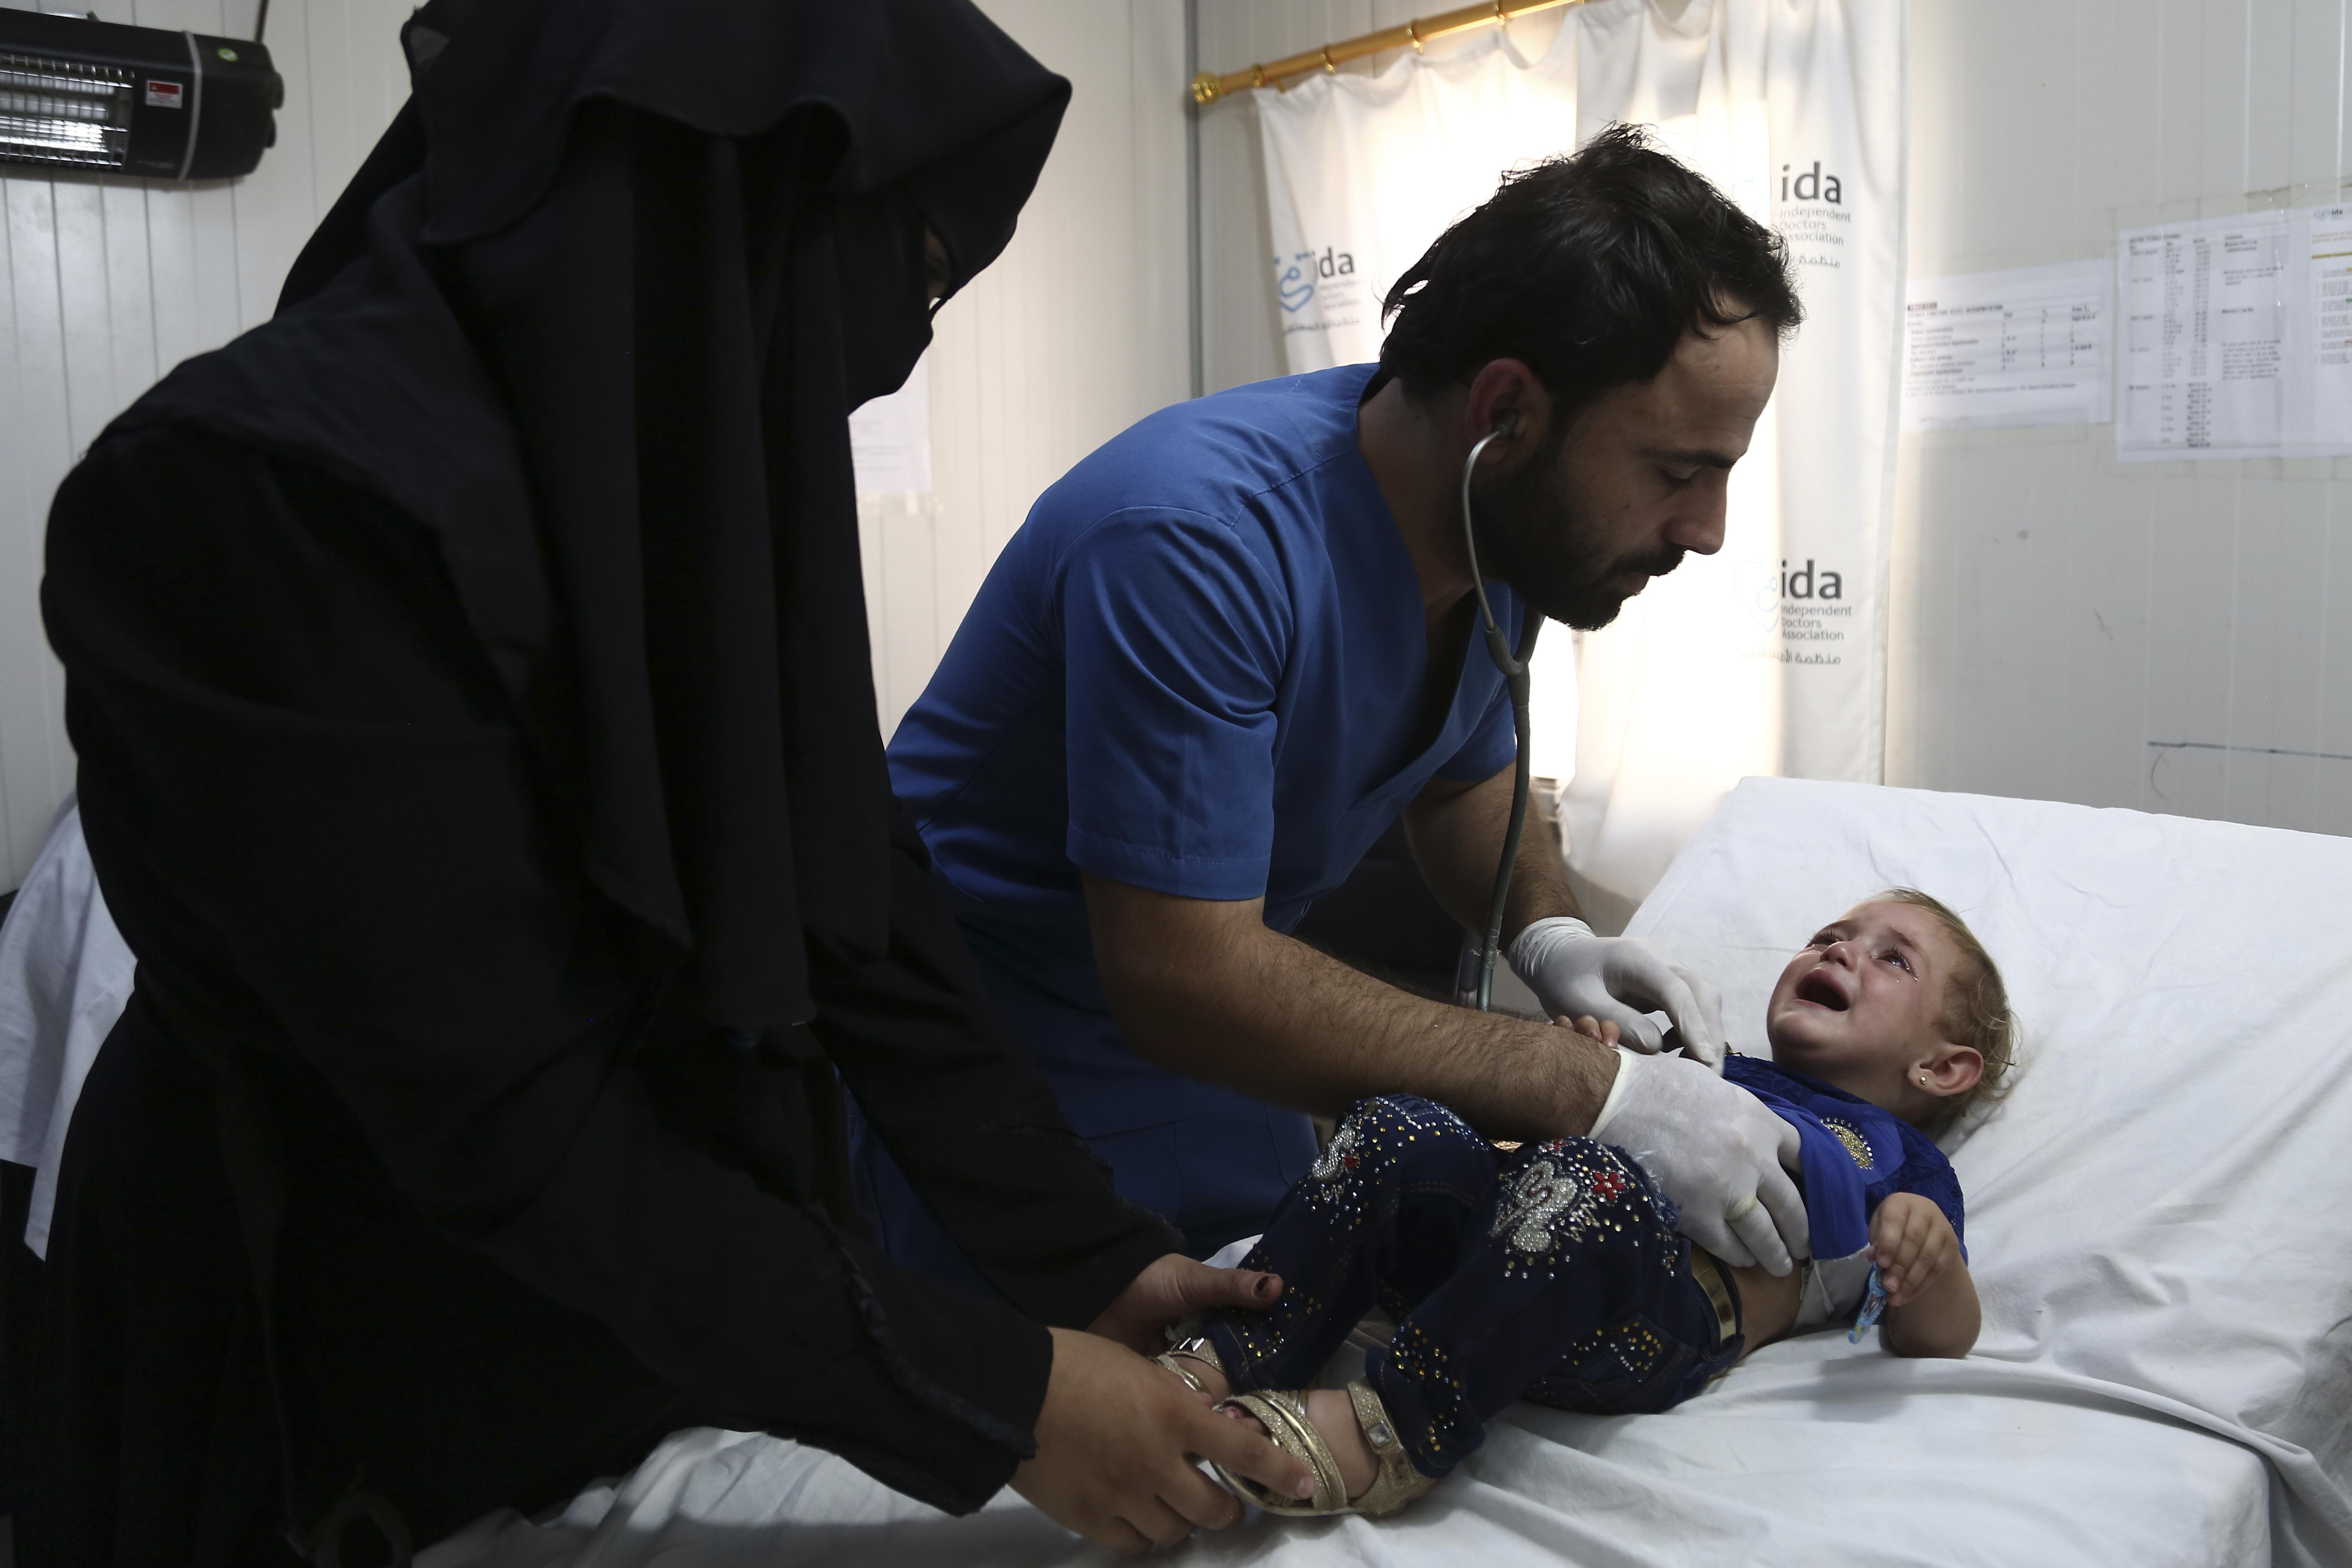 طبيب سوري في قرية تابعة للمعارضة بمحافظة إدلب أثناء مزاولة عمله - 16 أيلول/سبتمبر 2018